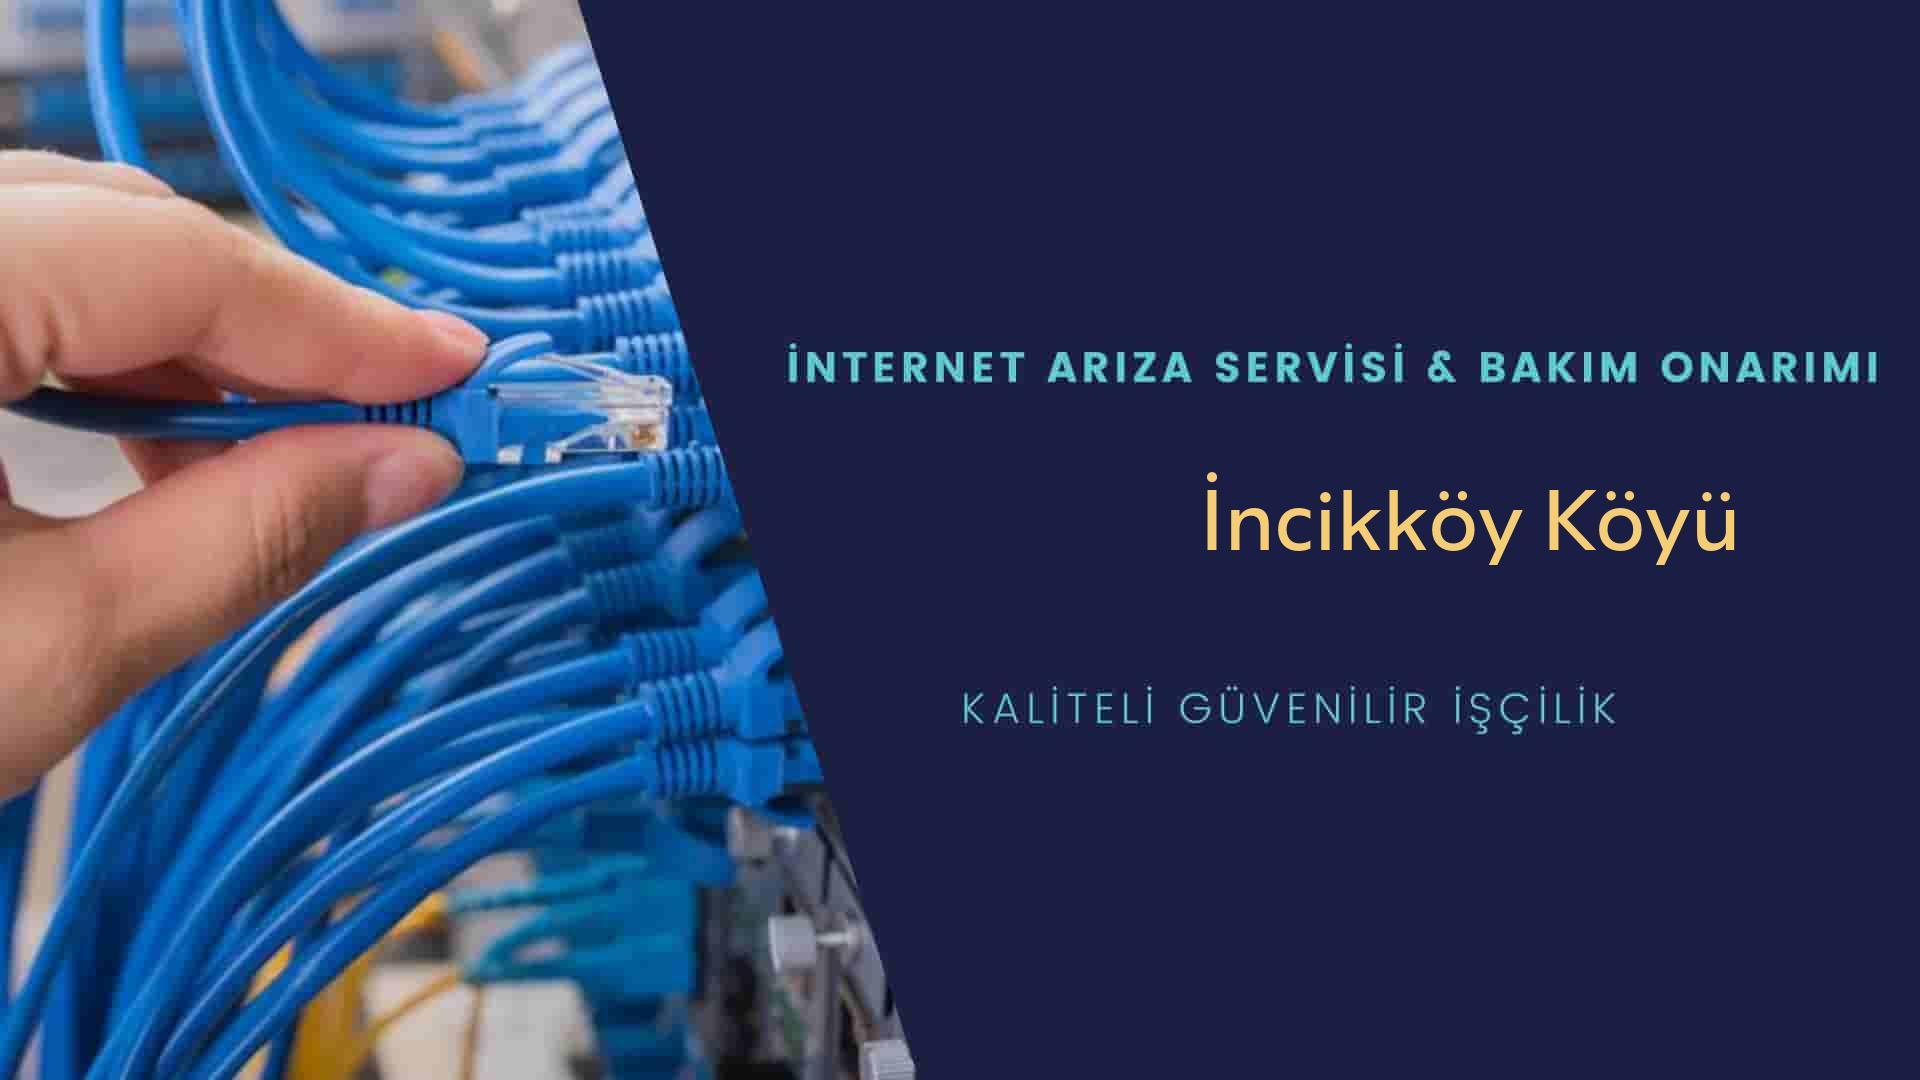 İncikköy Köyü internet kablosu çekimi yapan yerler veya elektrikçiler mi? arıyorsunuz doğru yerdesiniz o zaman sizlere 7/24 yardımcı olacak profesyonel ustalarımız bir telefon kadar yakındır size.